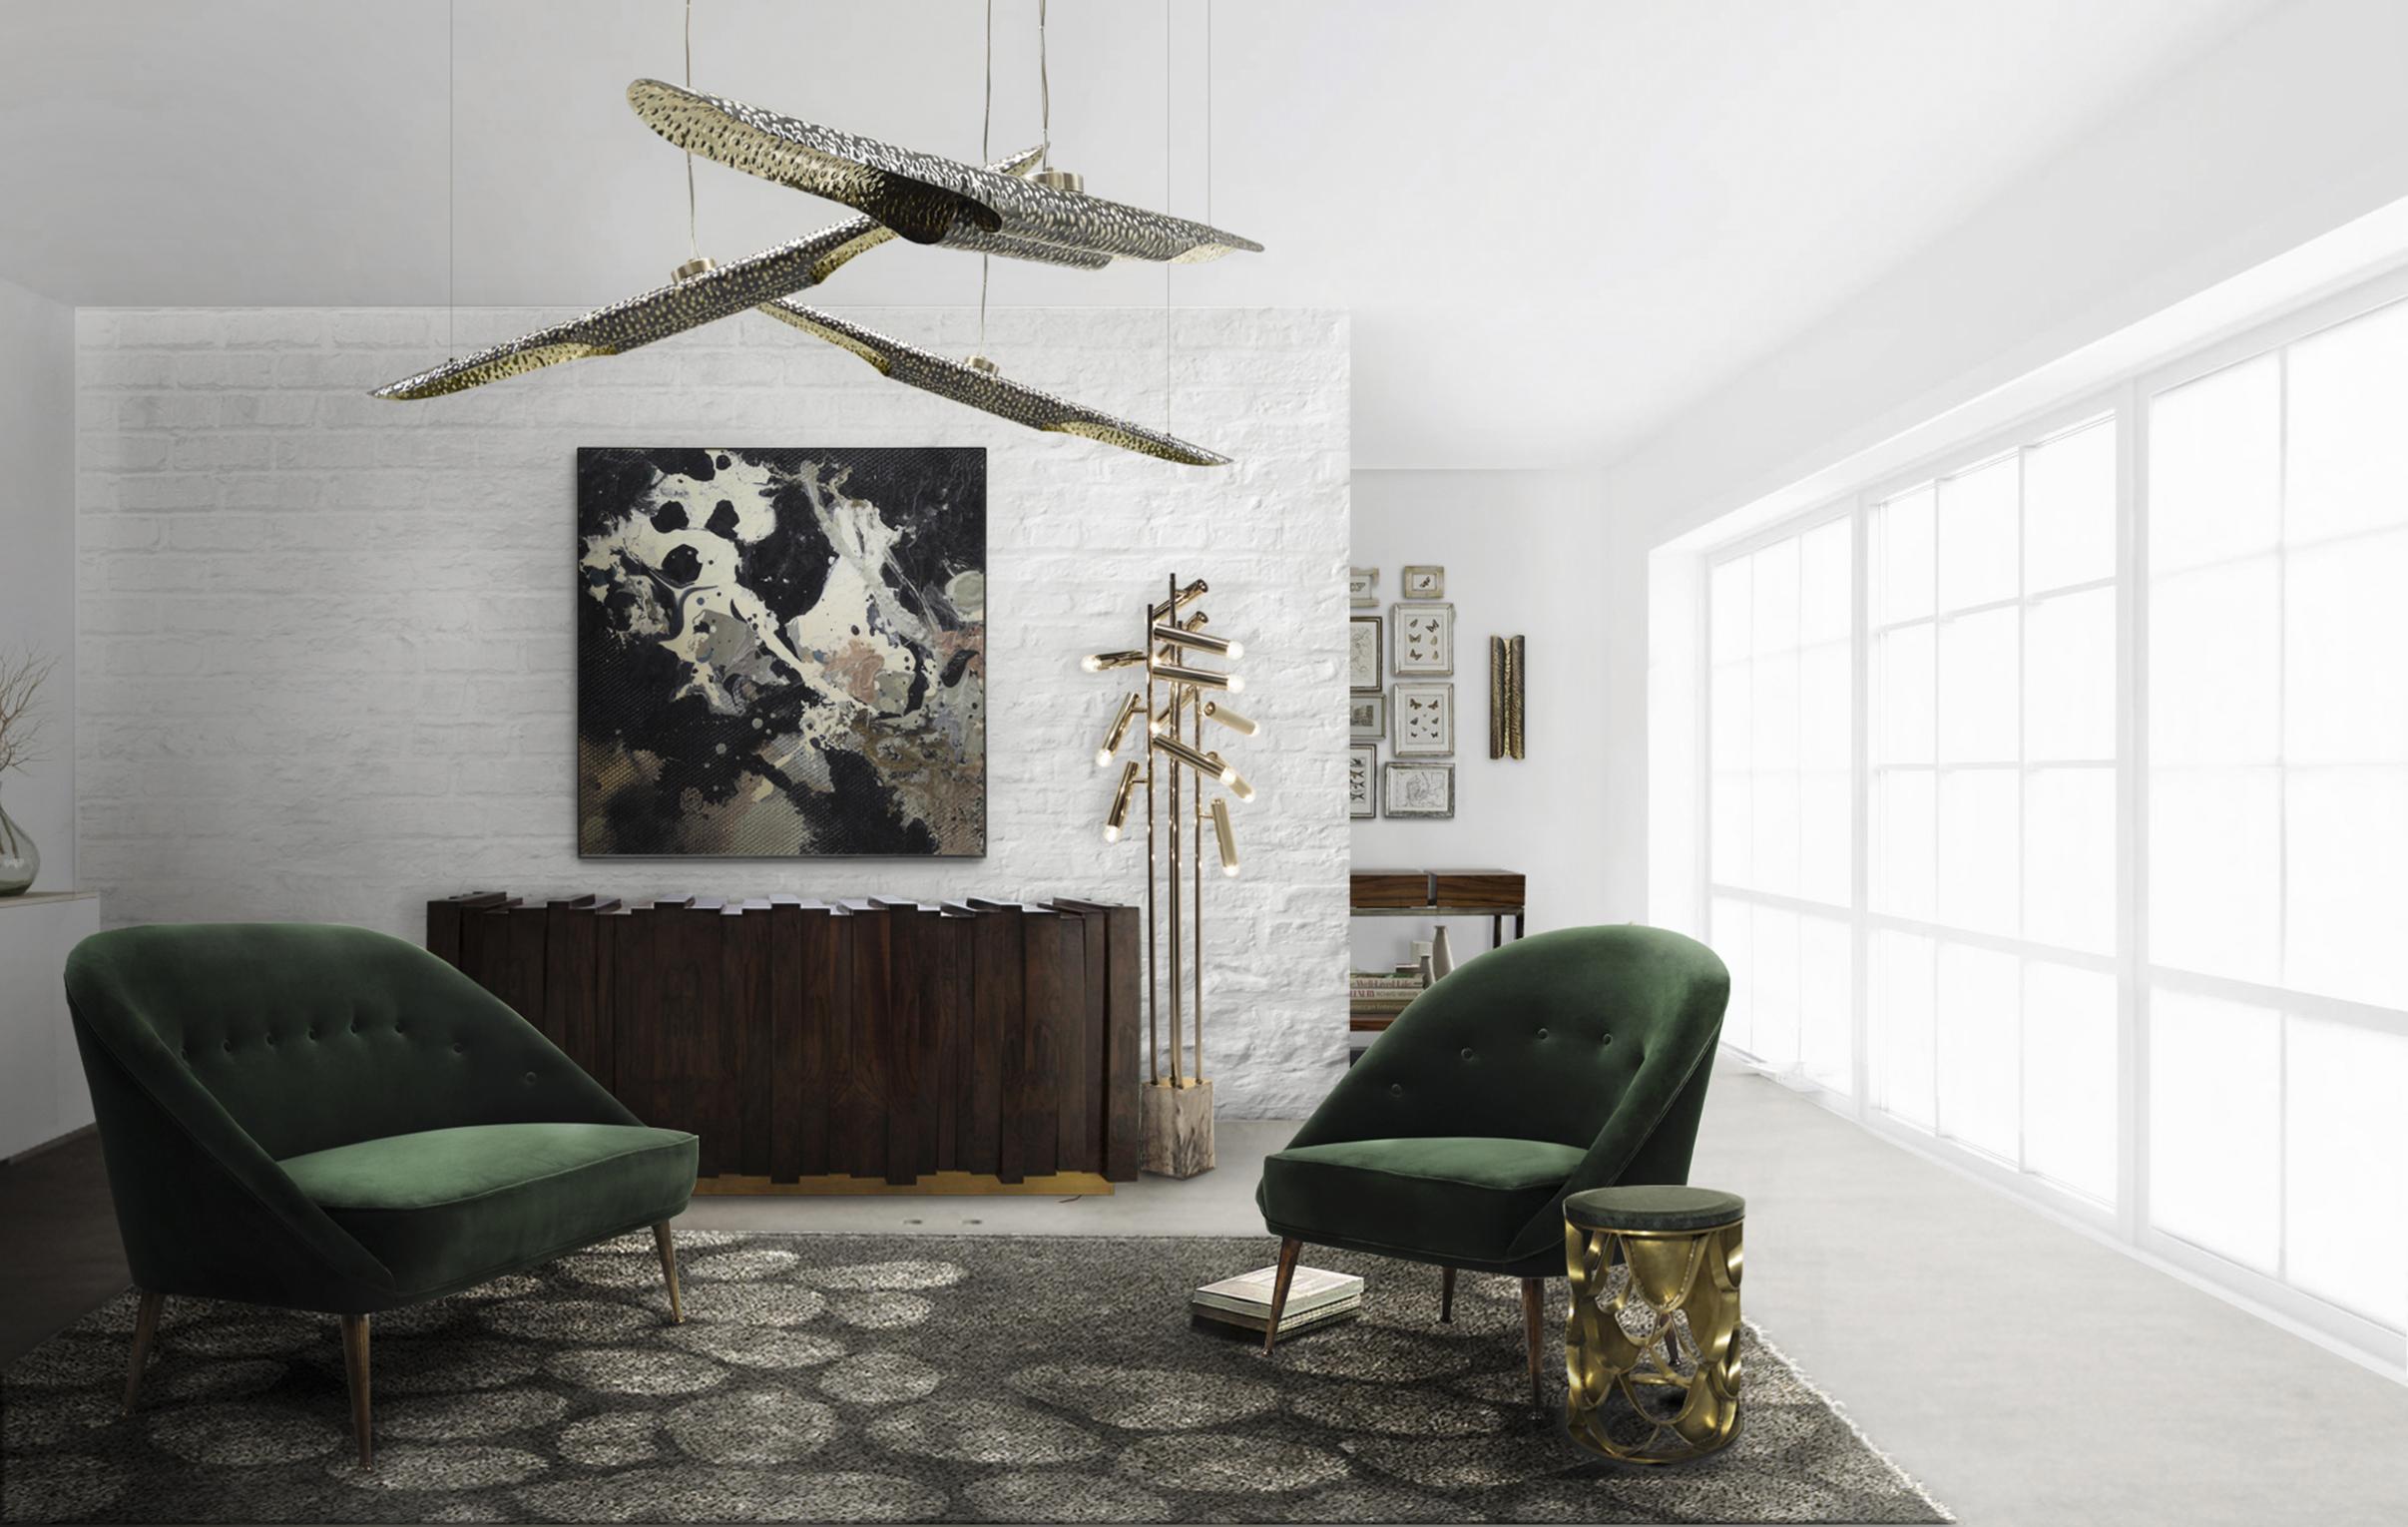 лучшие советы  Как превратить помещение в дом: лучшие советы brabbu ambience press 22 HR